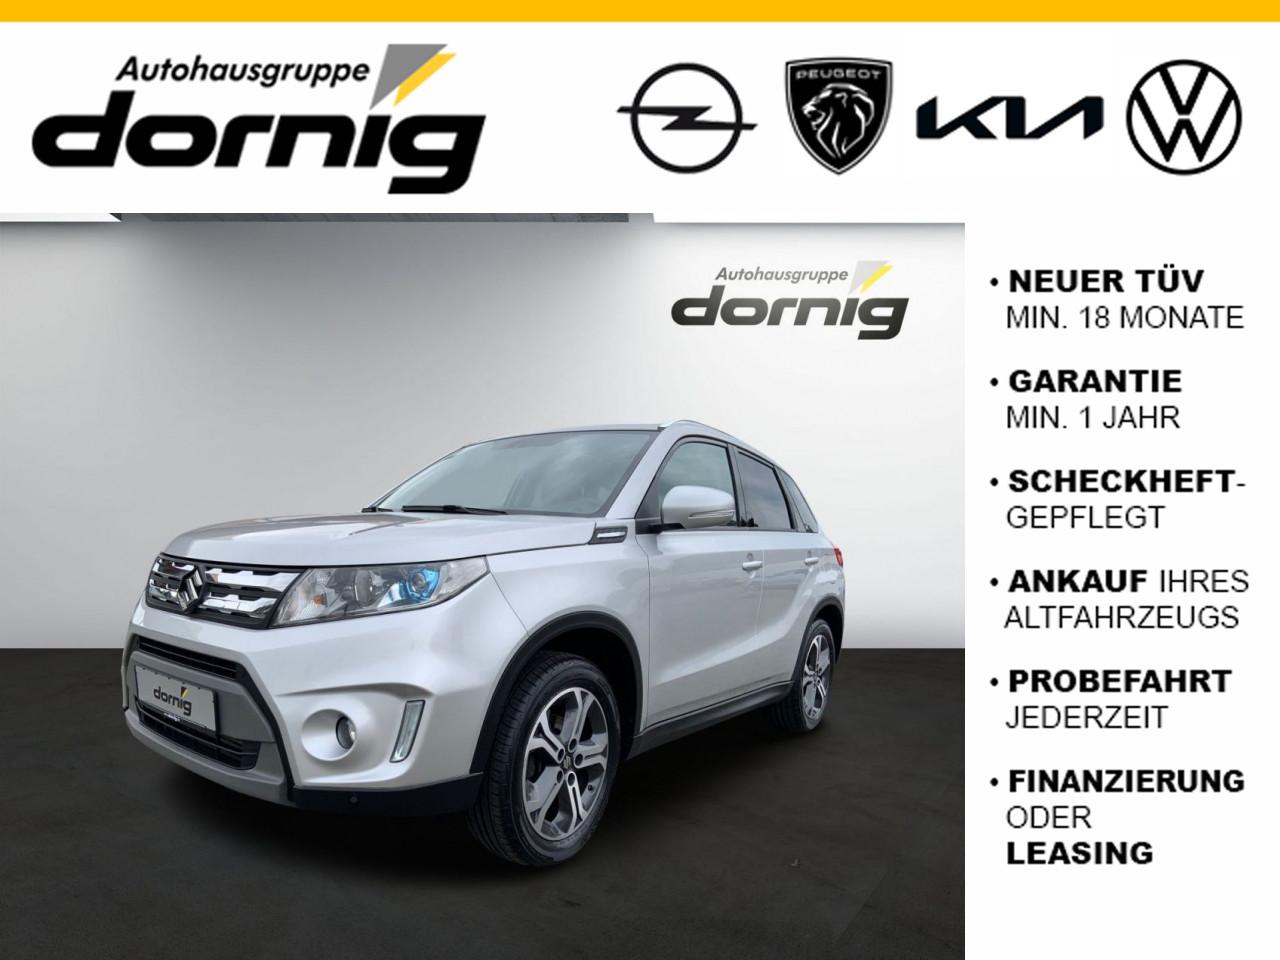 Suzuki Vitara Comf.,4x4,Klimaautom.,SHZ vo, Jahr 2016, Diesel